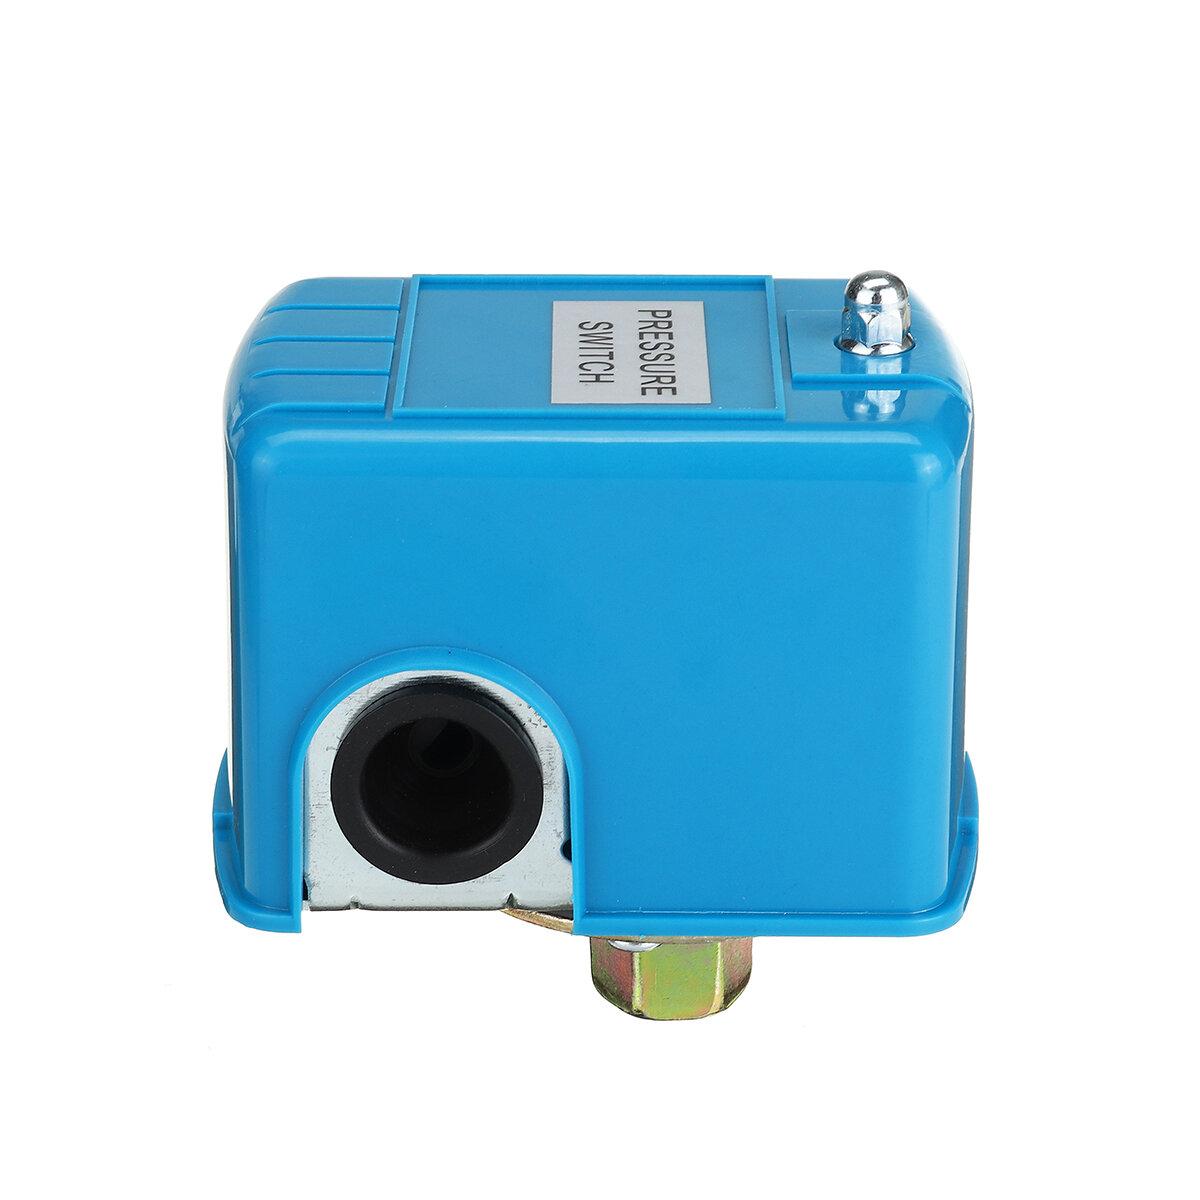 Interruptor de control de presión de la bomba de agua de 40-60 PSI Cubierta azul de poste doble de resorte